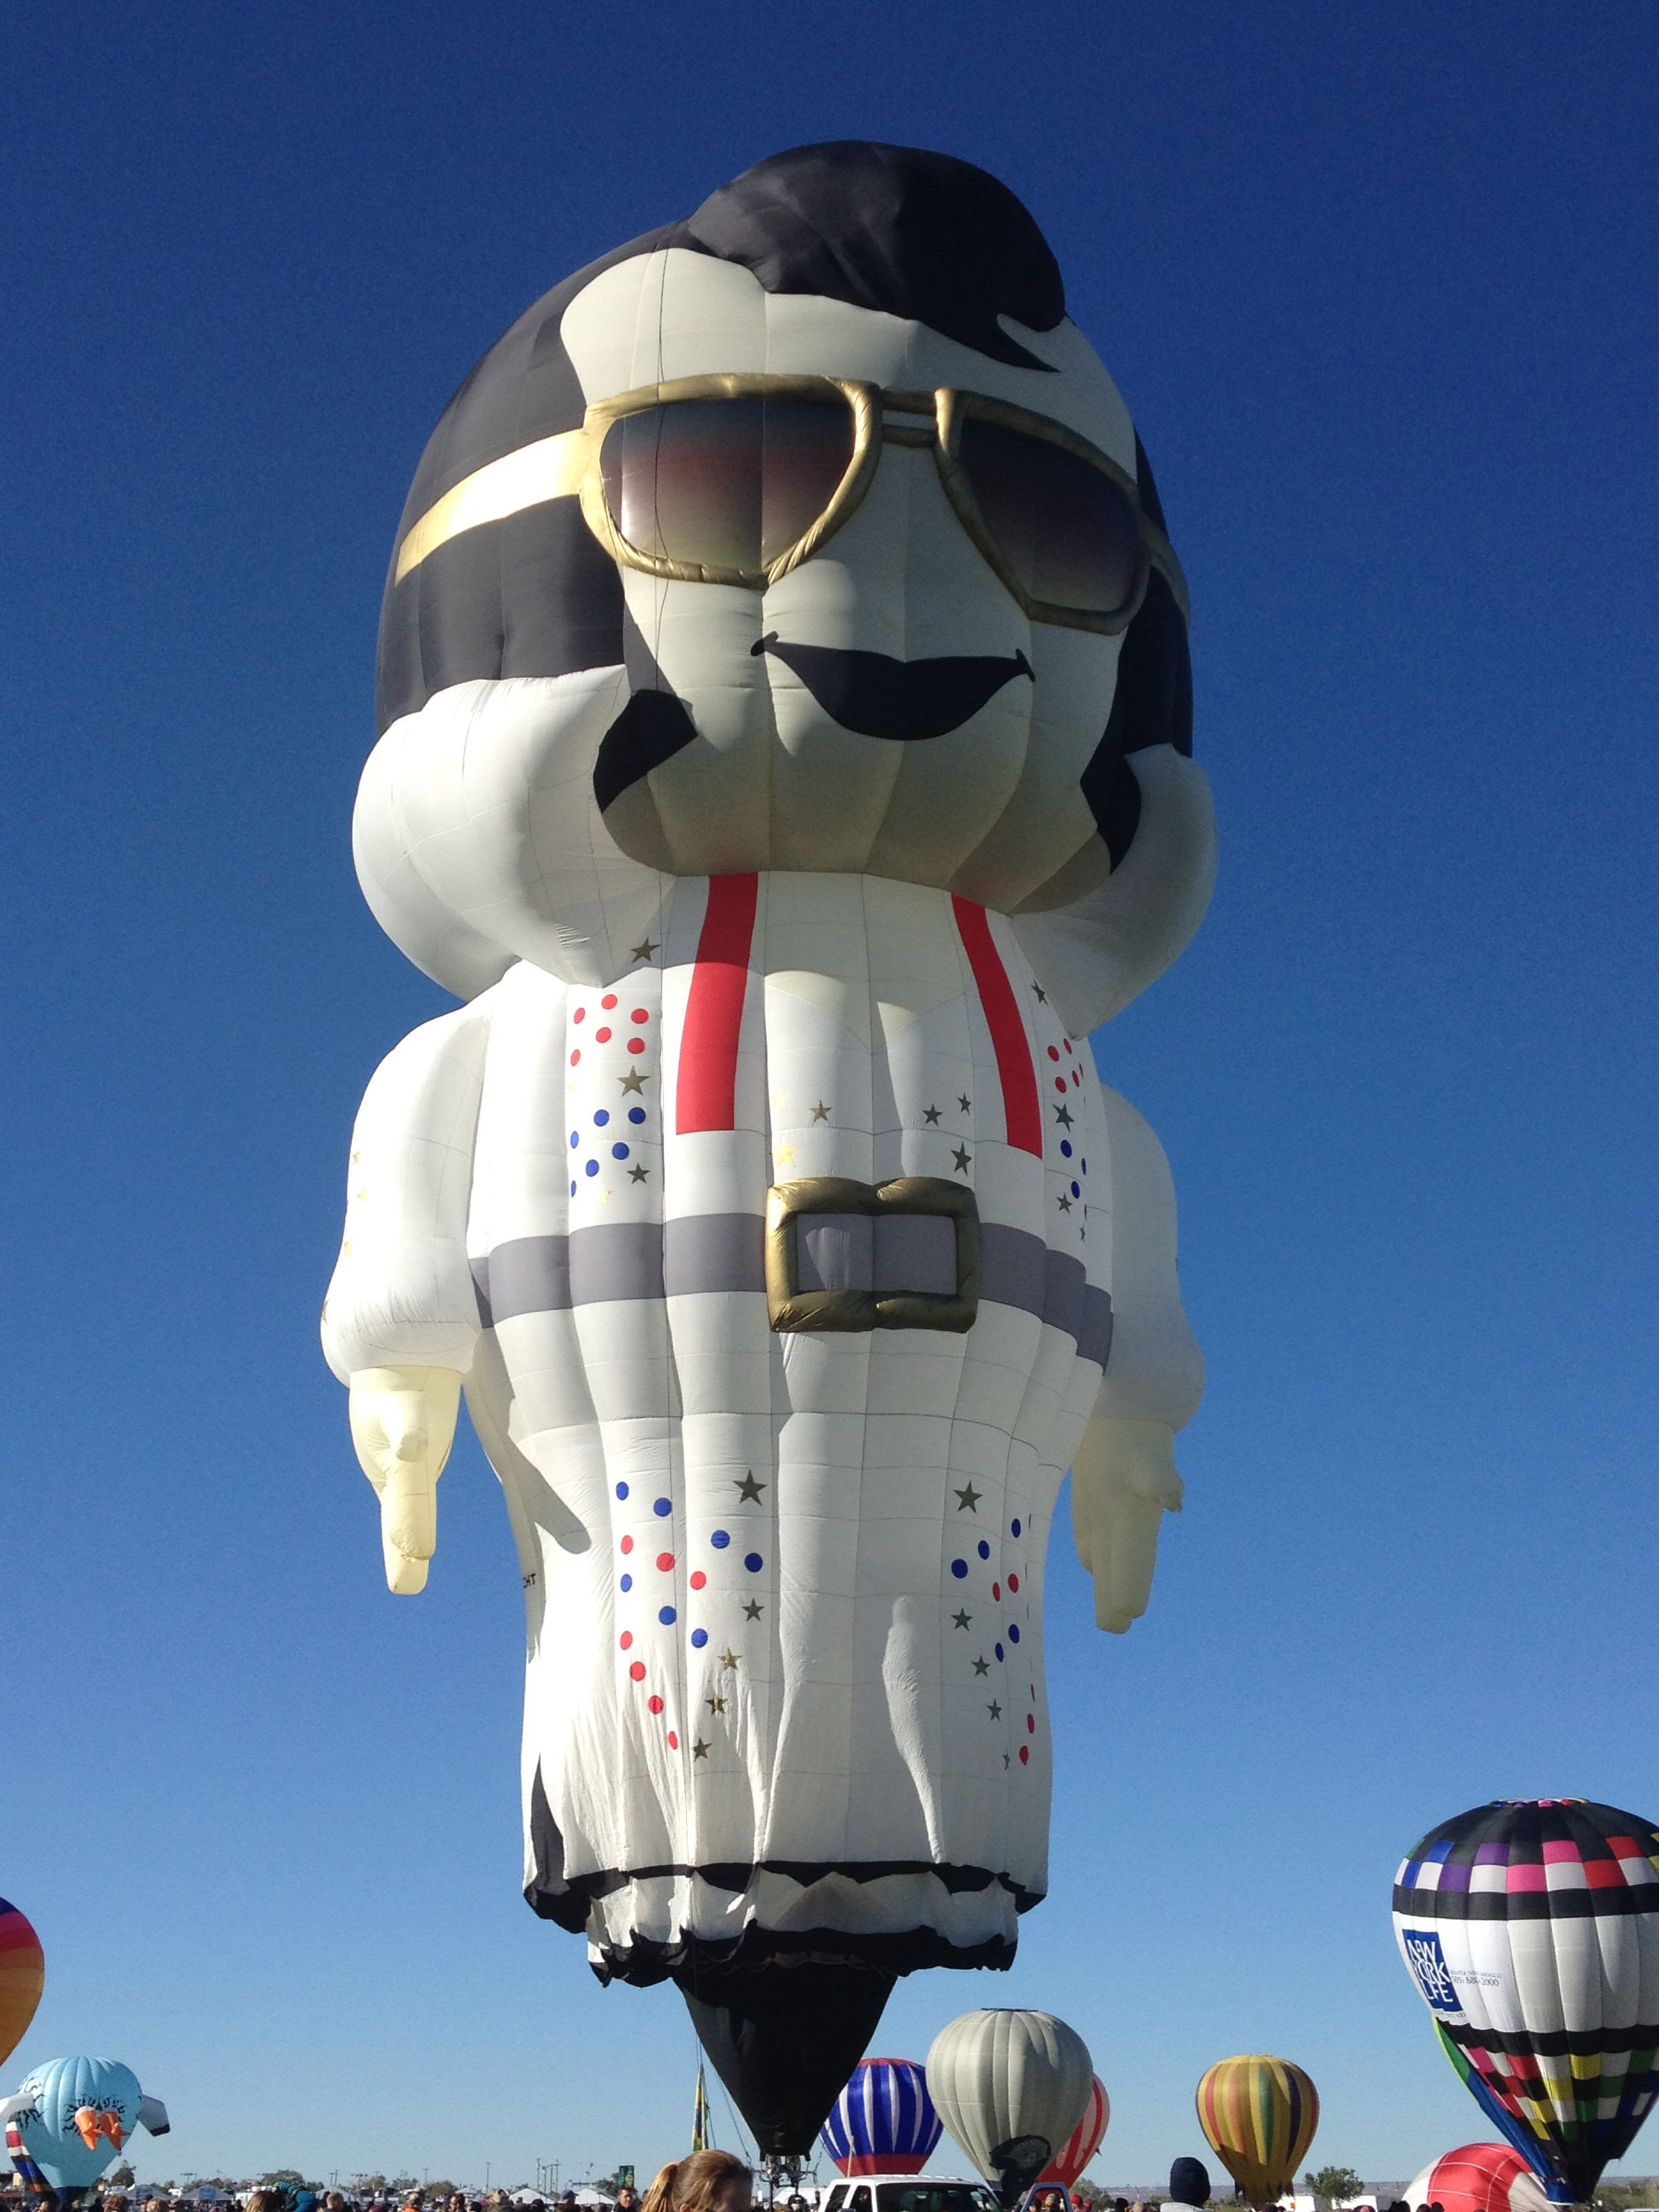 Elvis Balloon international Balloon Fiesta 2013 abq